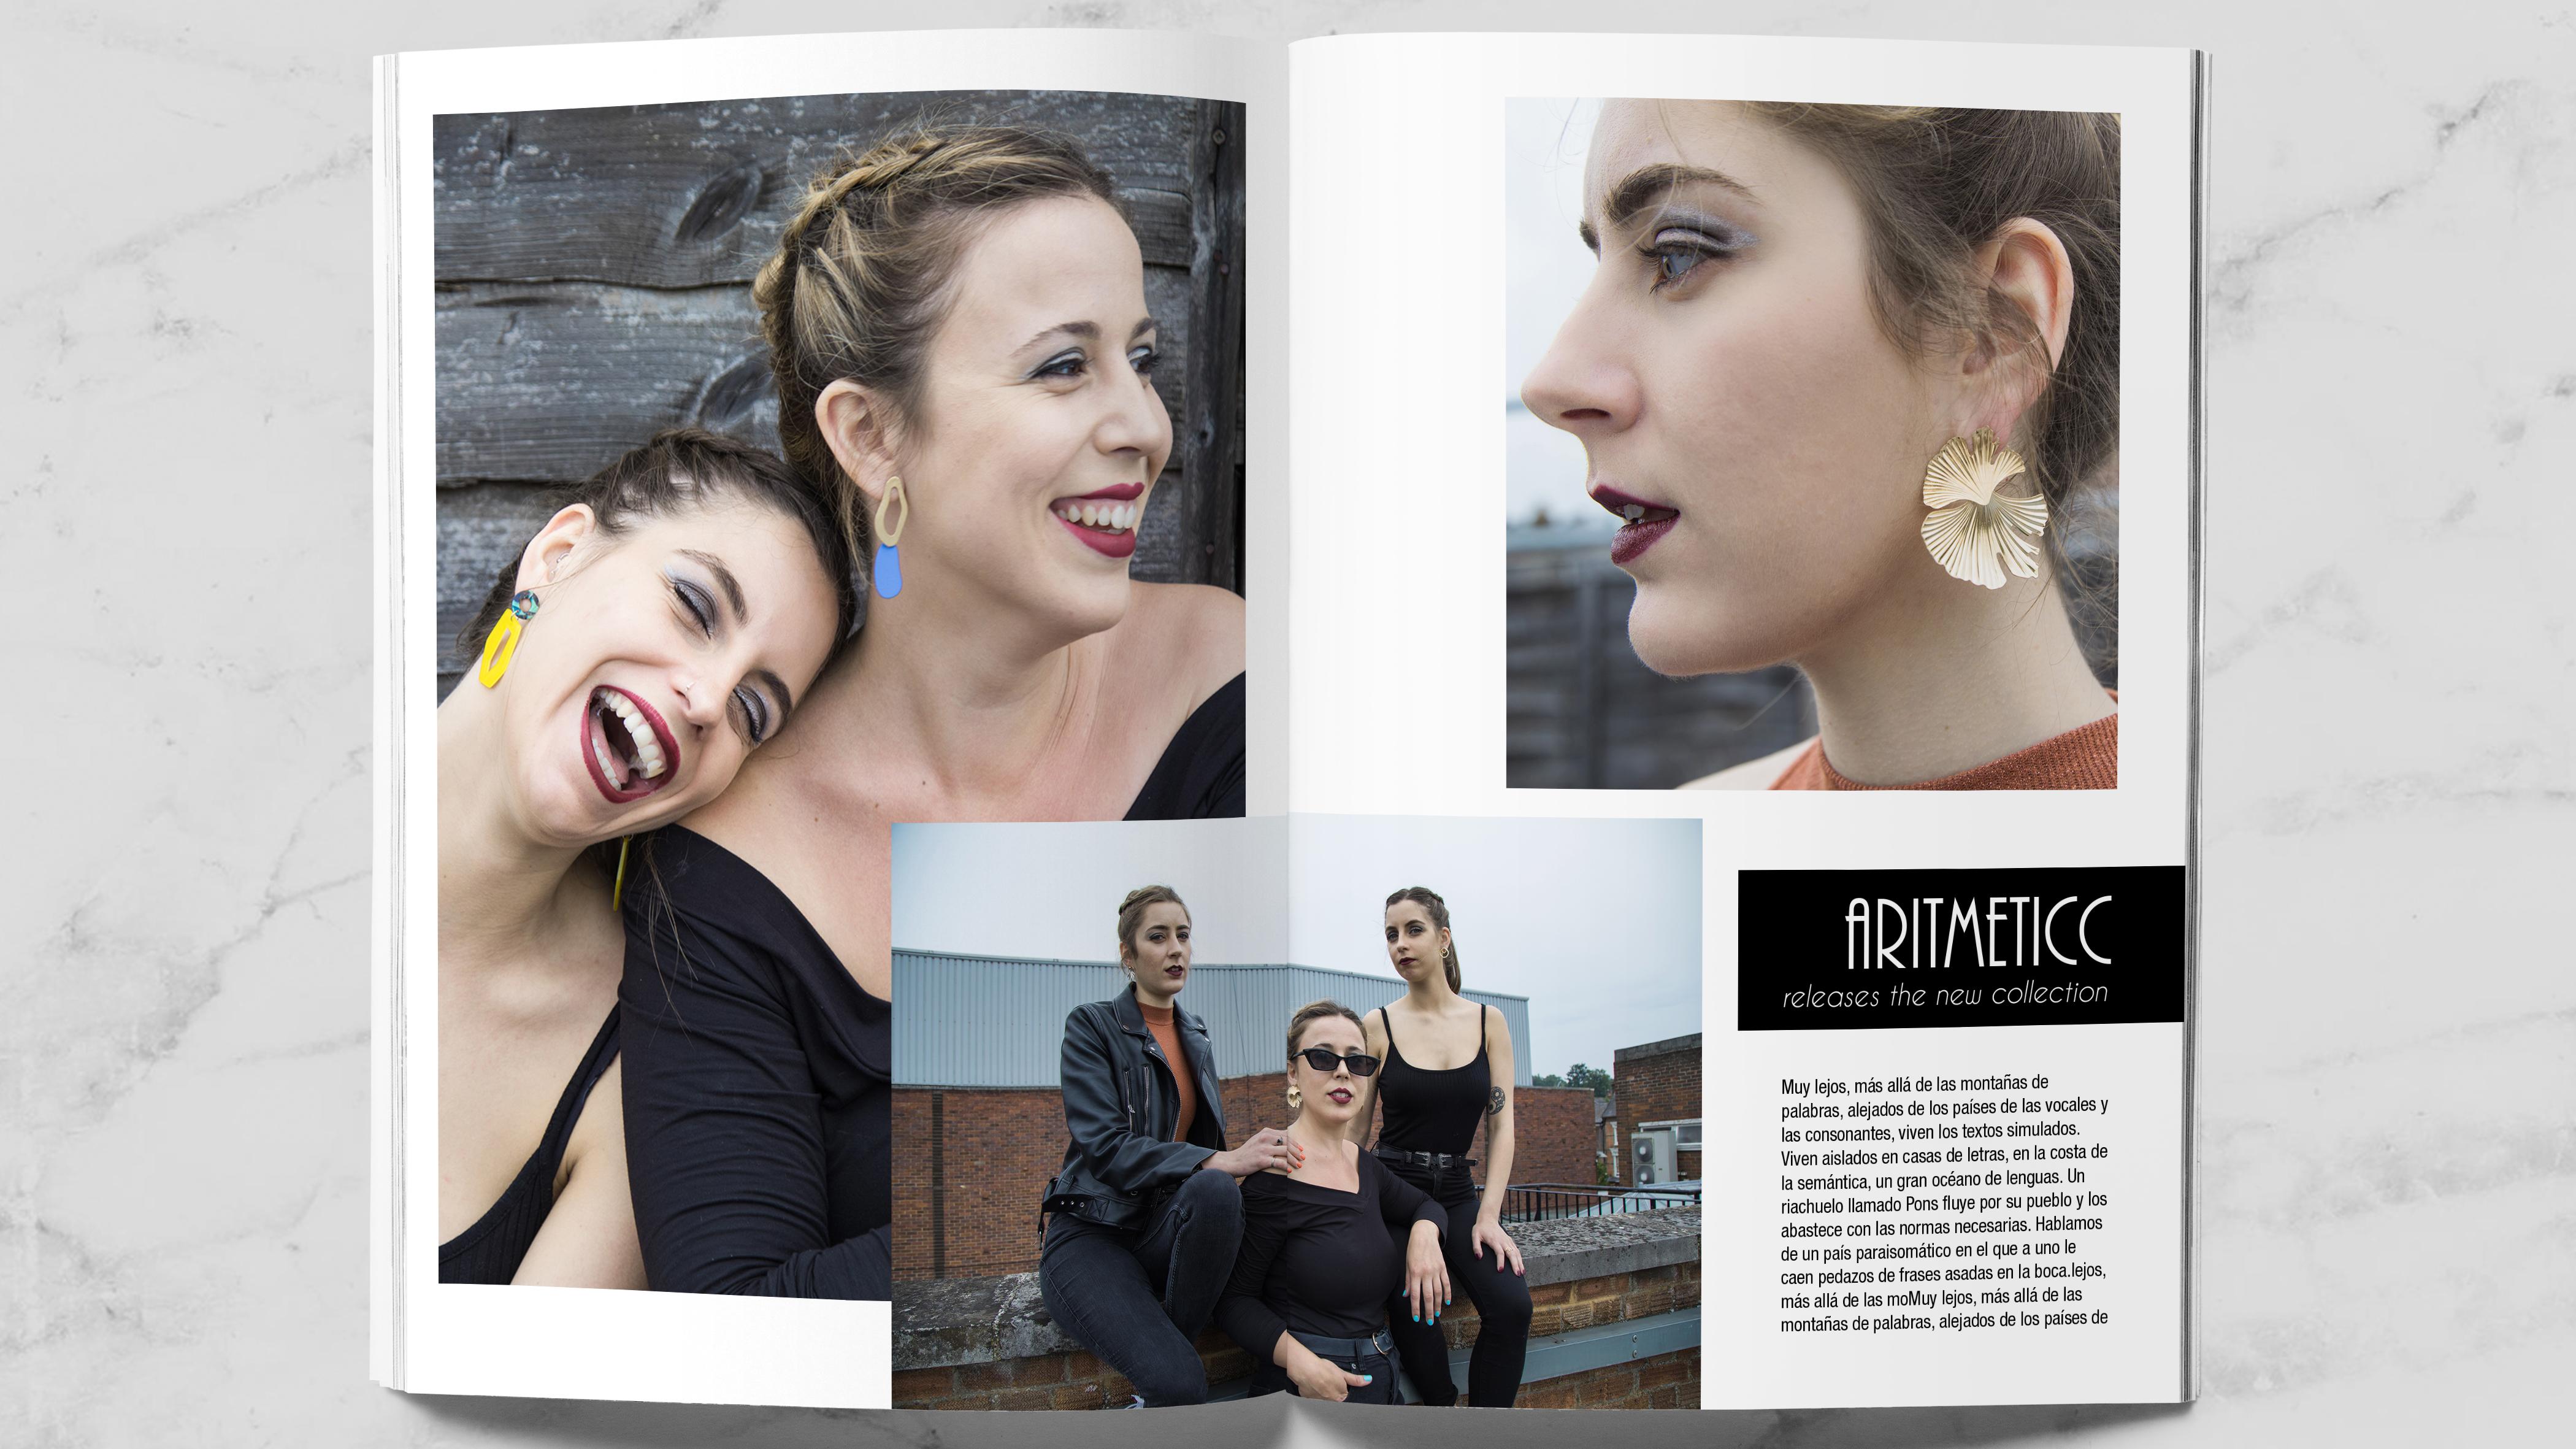 potrfolio revista moda